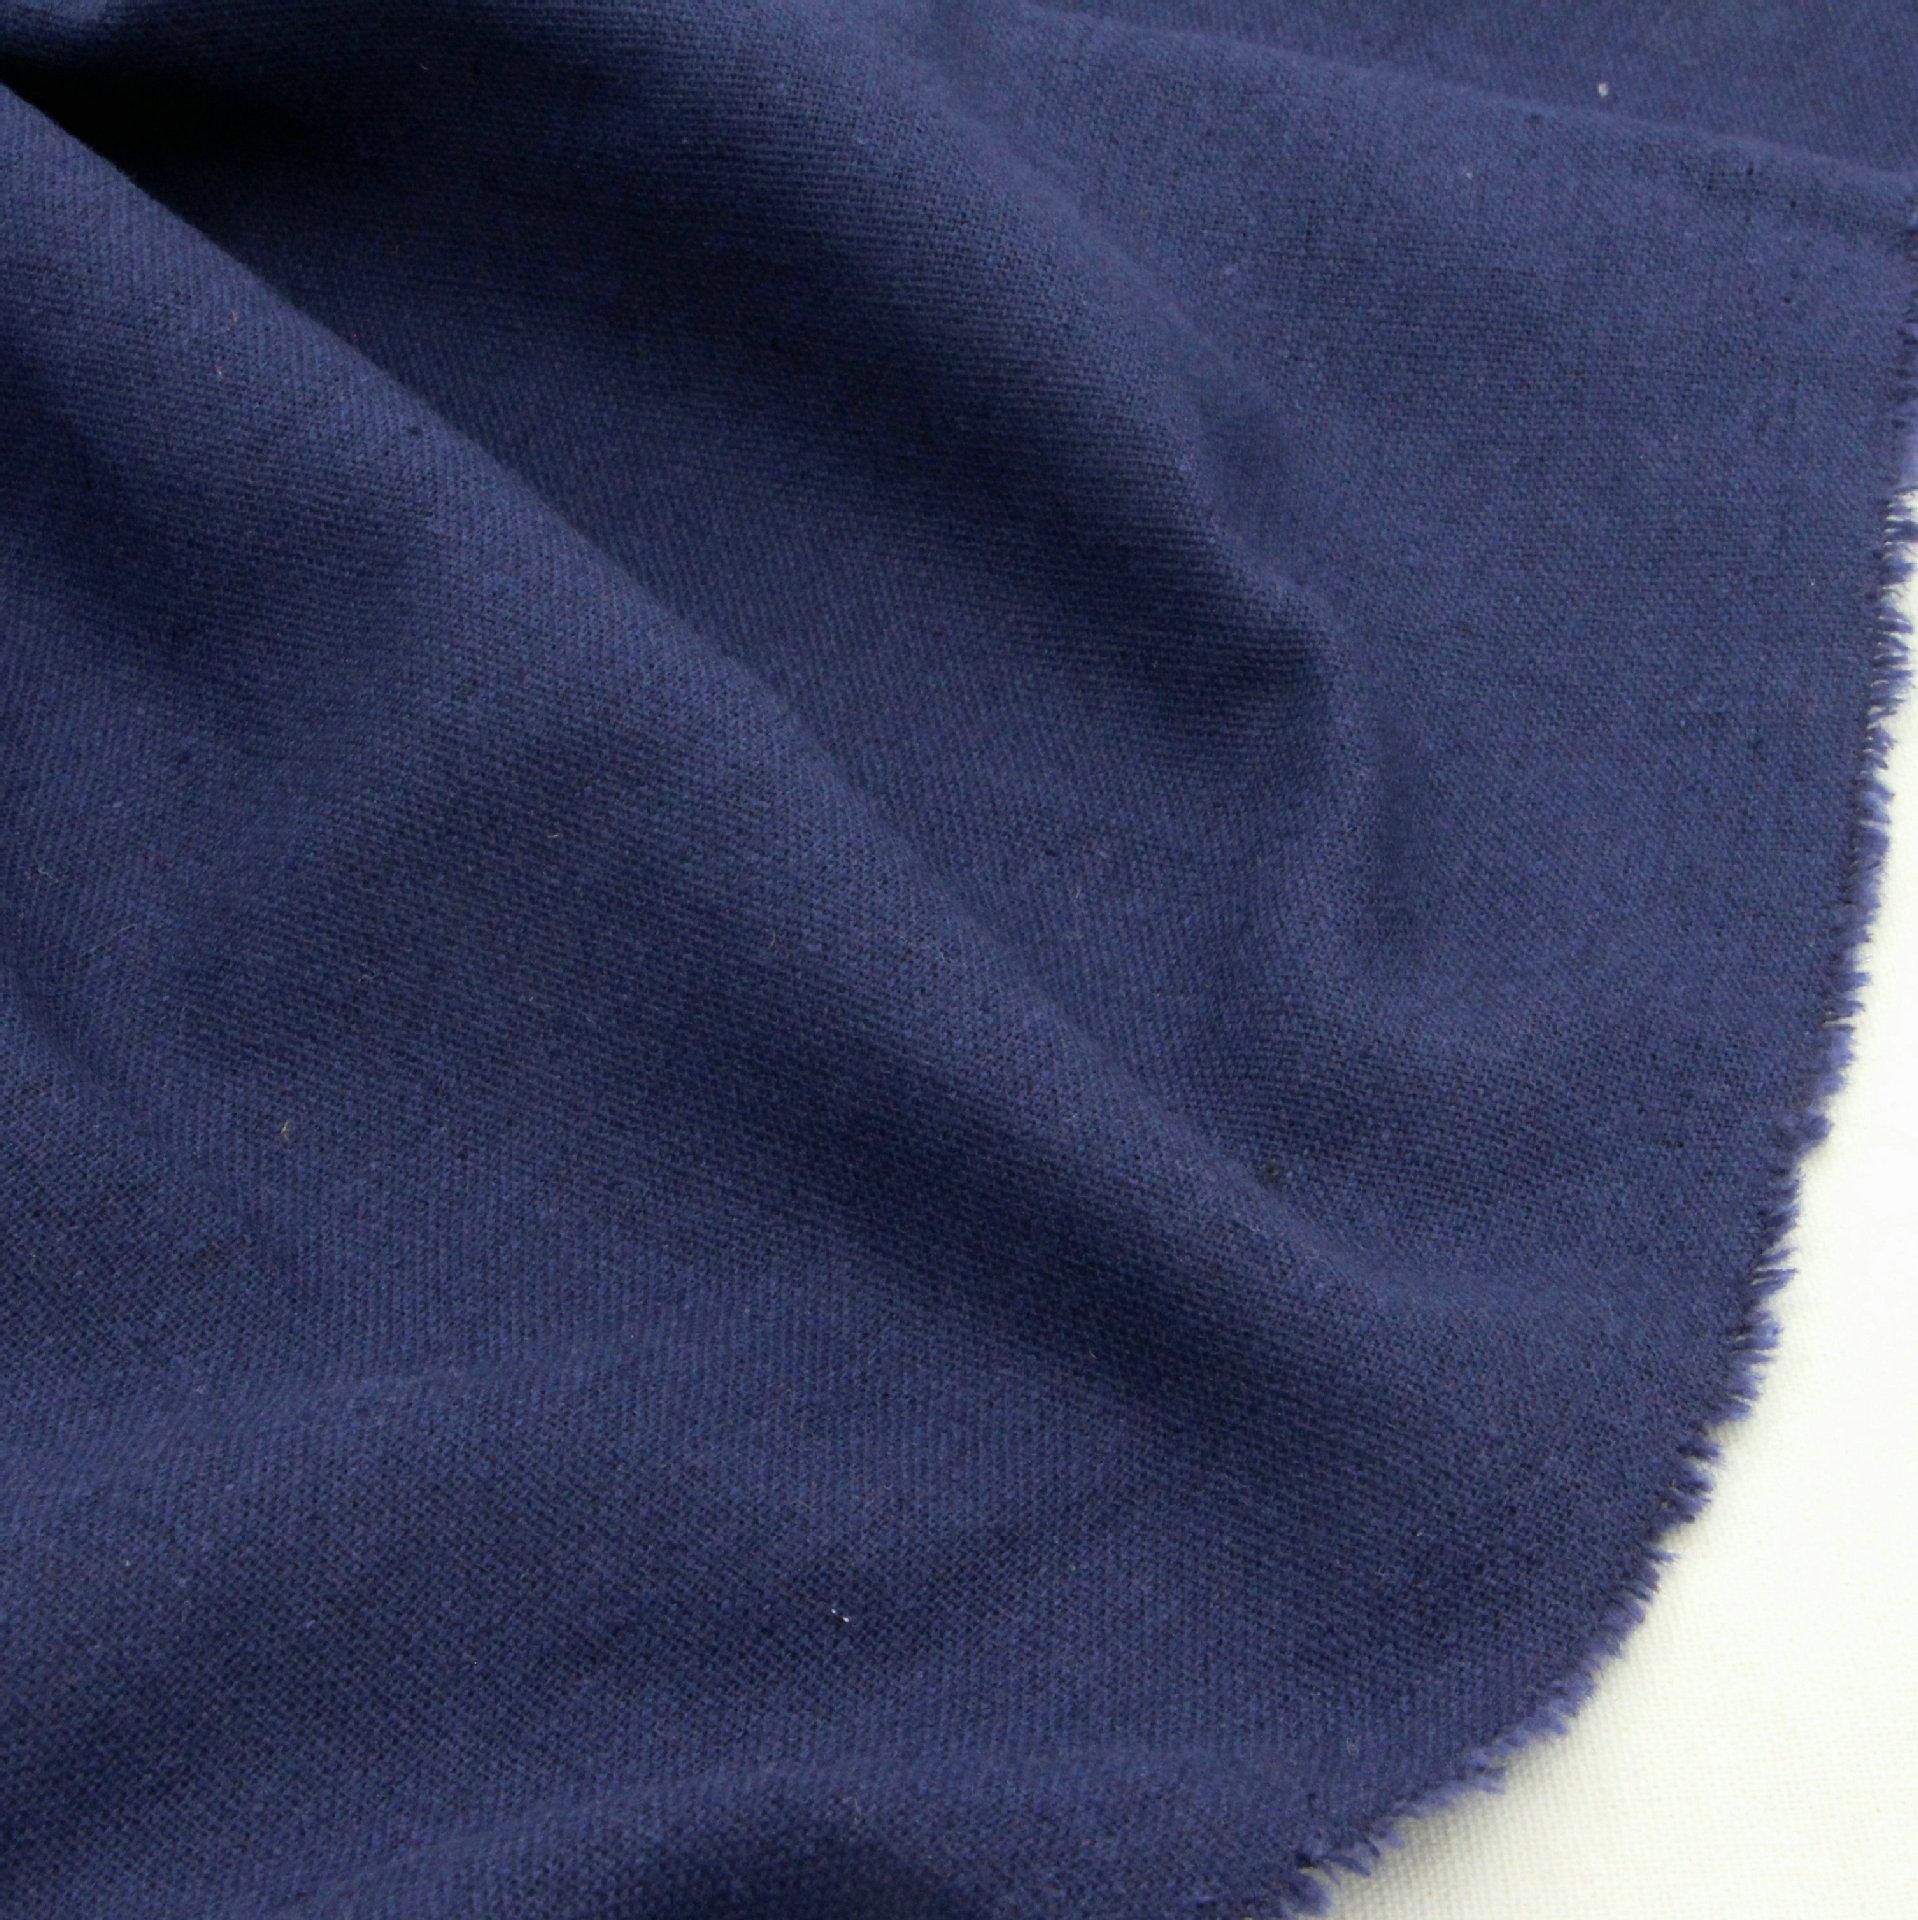 Vải cotton pha polyester Nhà máy vải polyester trực tiếp Cotton và vải lanh pha trộn vải bông quilt